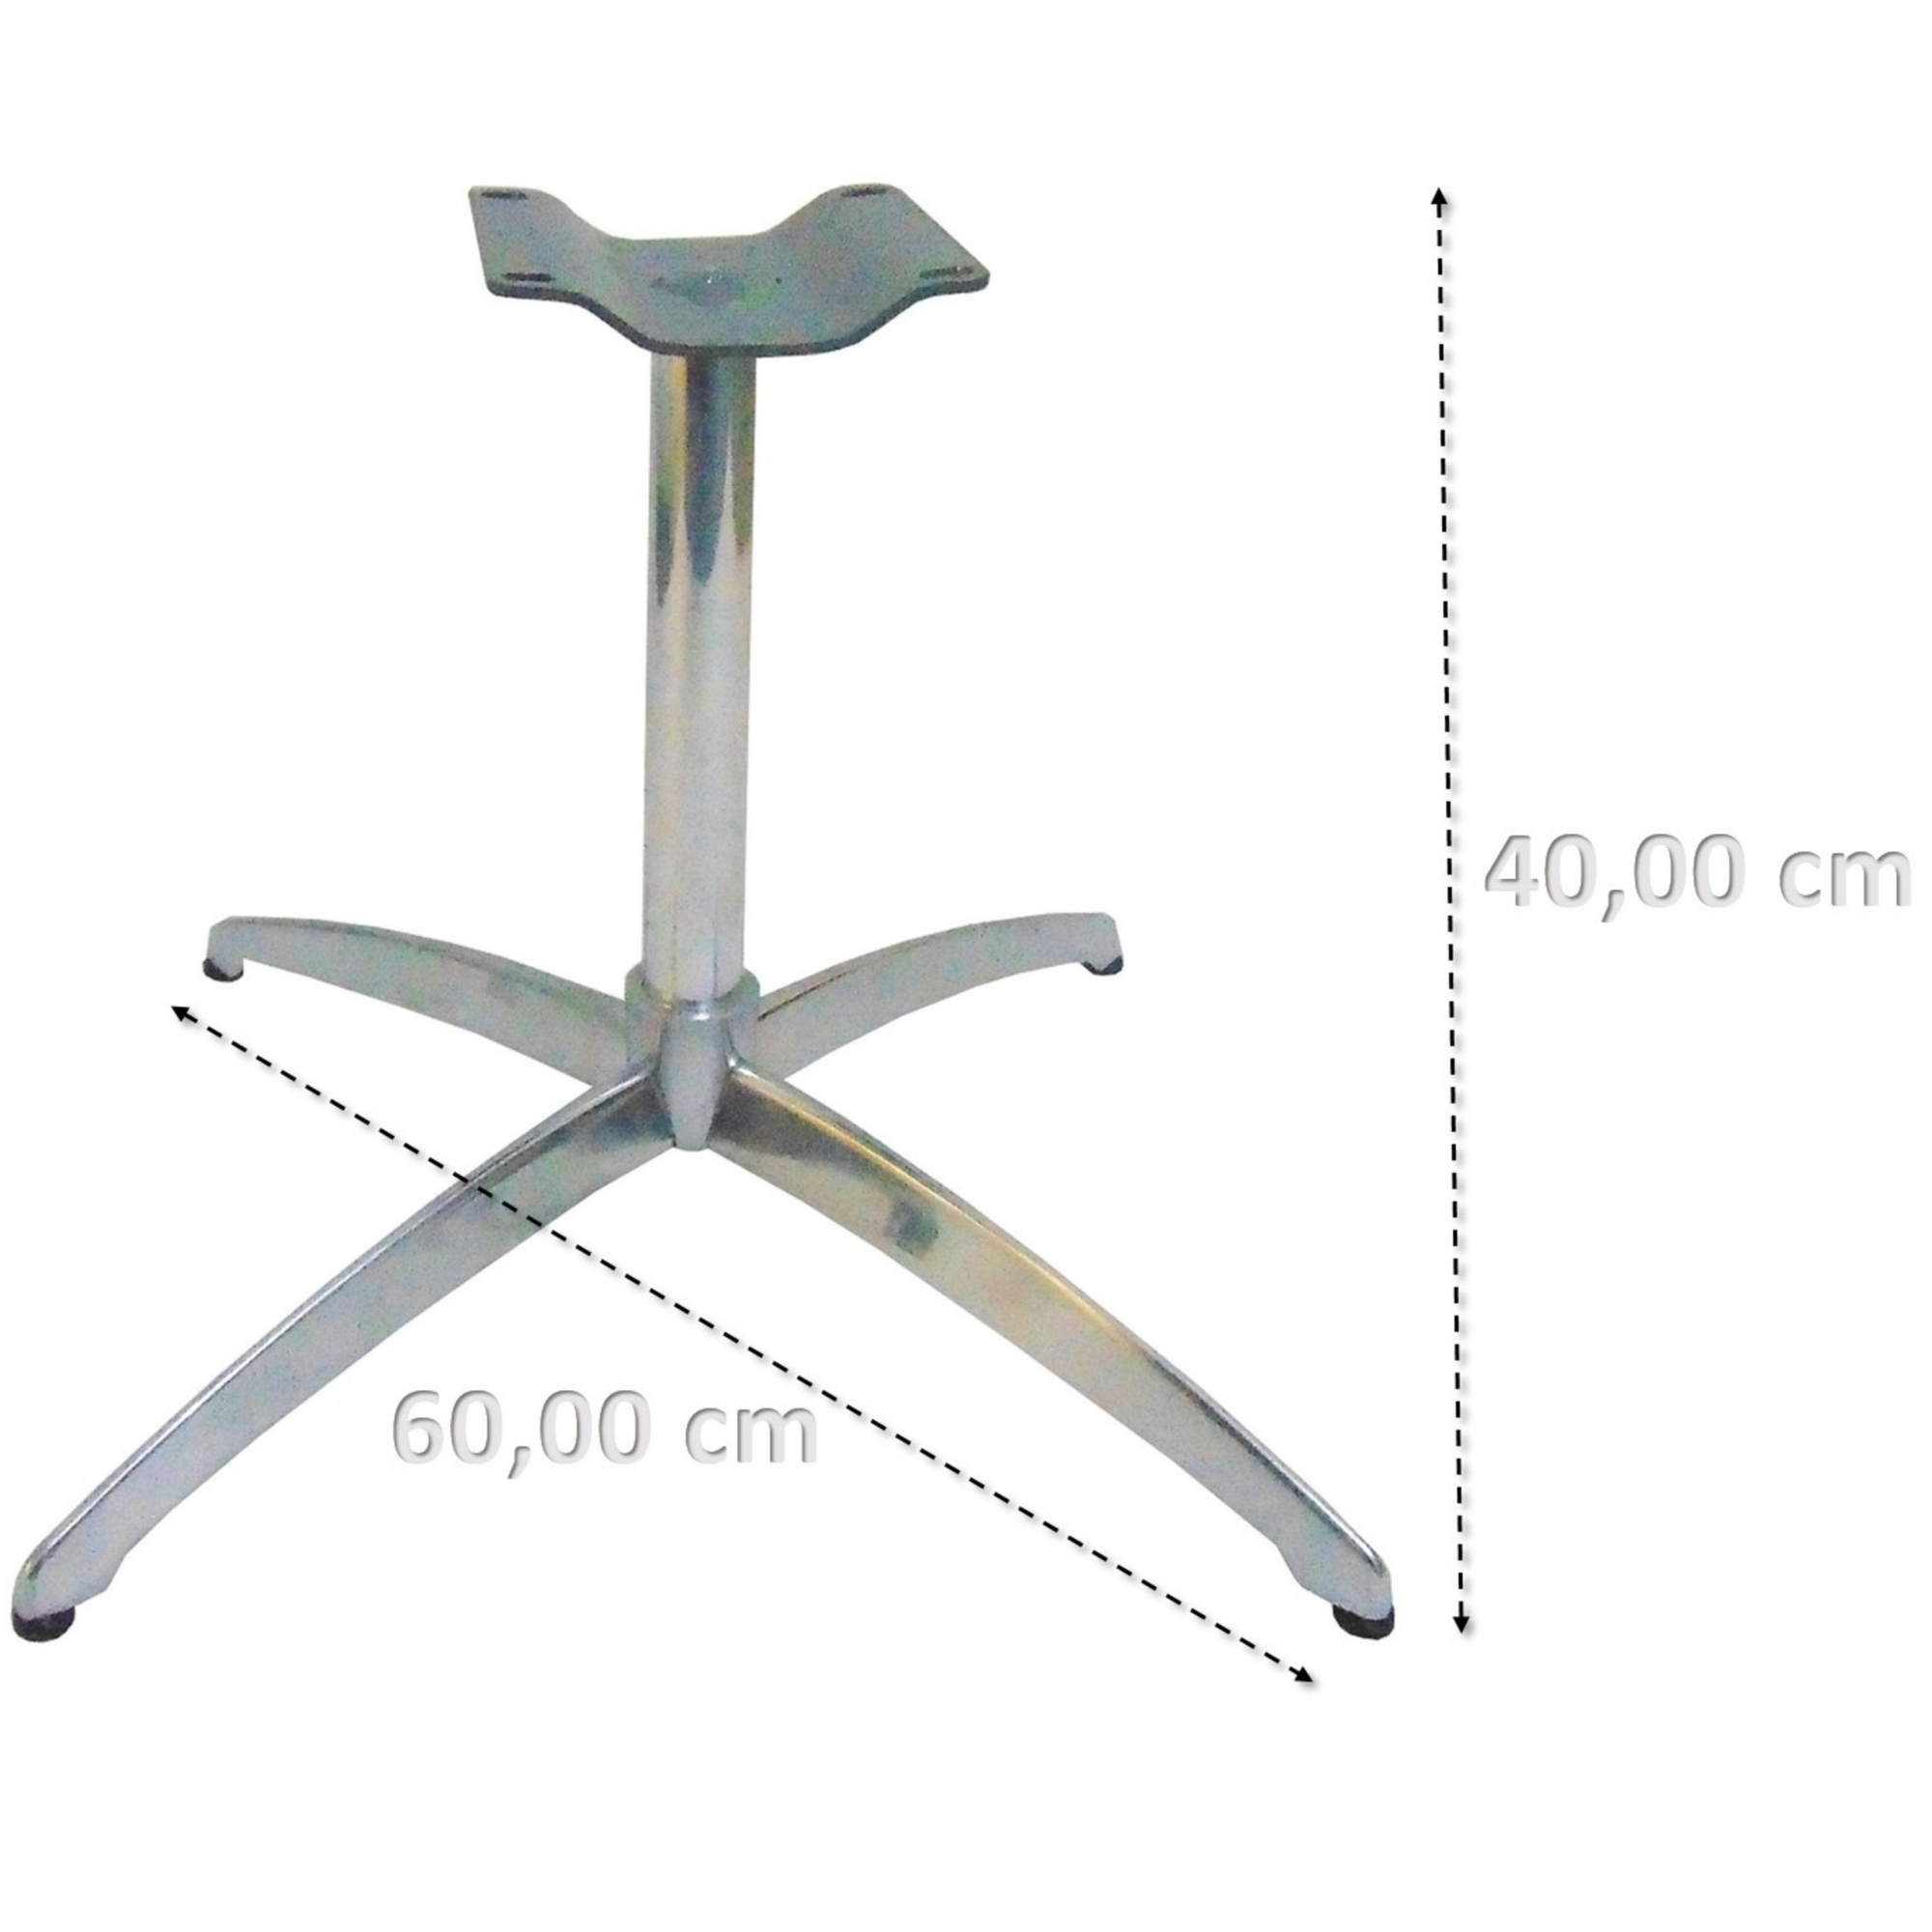 Base Giratória Curva De Alumínio para Poltrona Altura 40cm